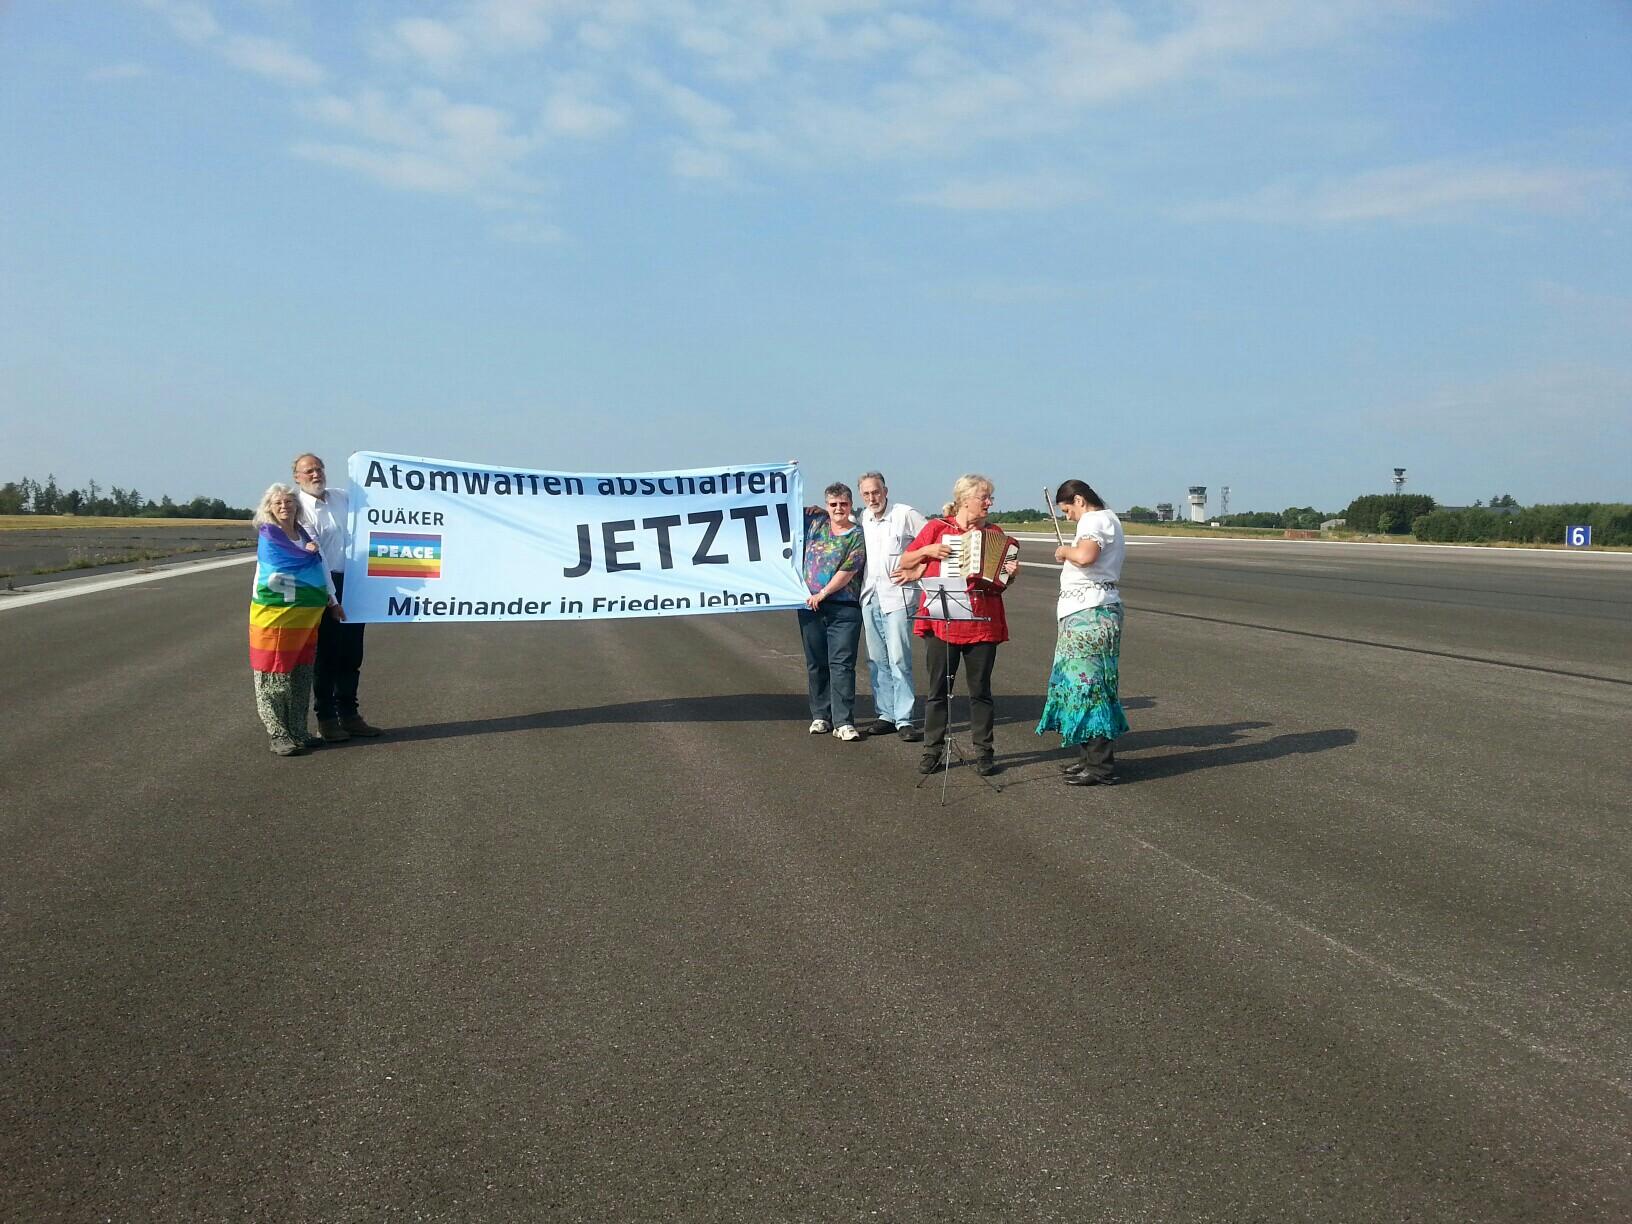 """Sechs bunt gekleidete Menschen stehen auf einer breiten asphaltierten Fläche - der Startbahn eines Flugplatzes - und tragen ein Transparent der Quäker zwischen sich: """"Atomwaffen abrüsten jetzt! Miteinander in Frieden leben""""."""